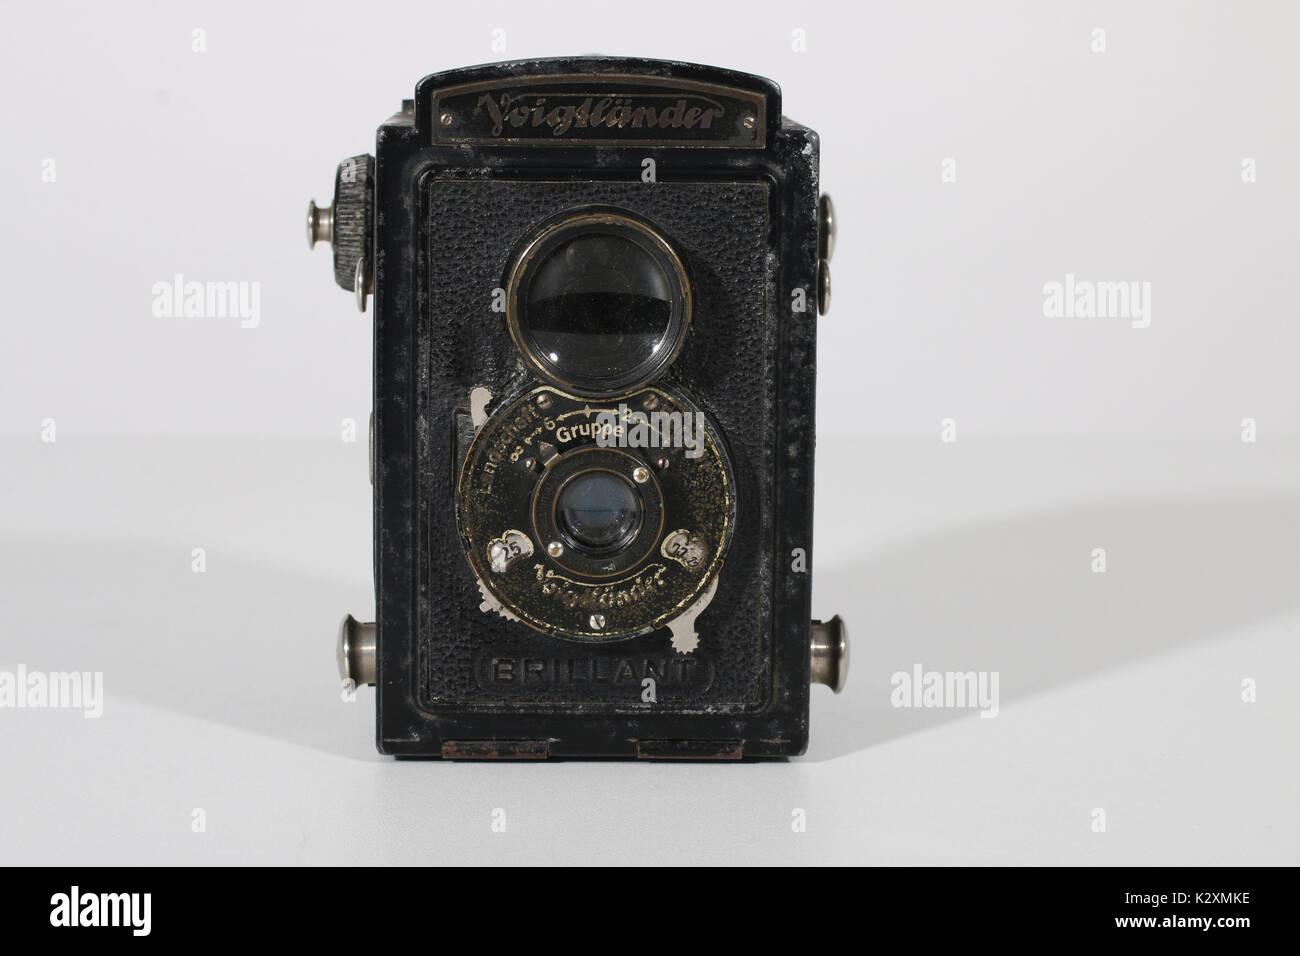 Kamera, Fotoapparat, fotografieren, historisch, Foto, Voigtlaender, Spiegelreflex, Rollfilm - Stock Image